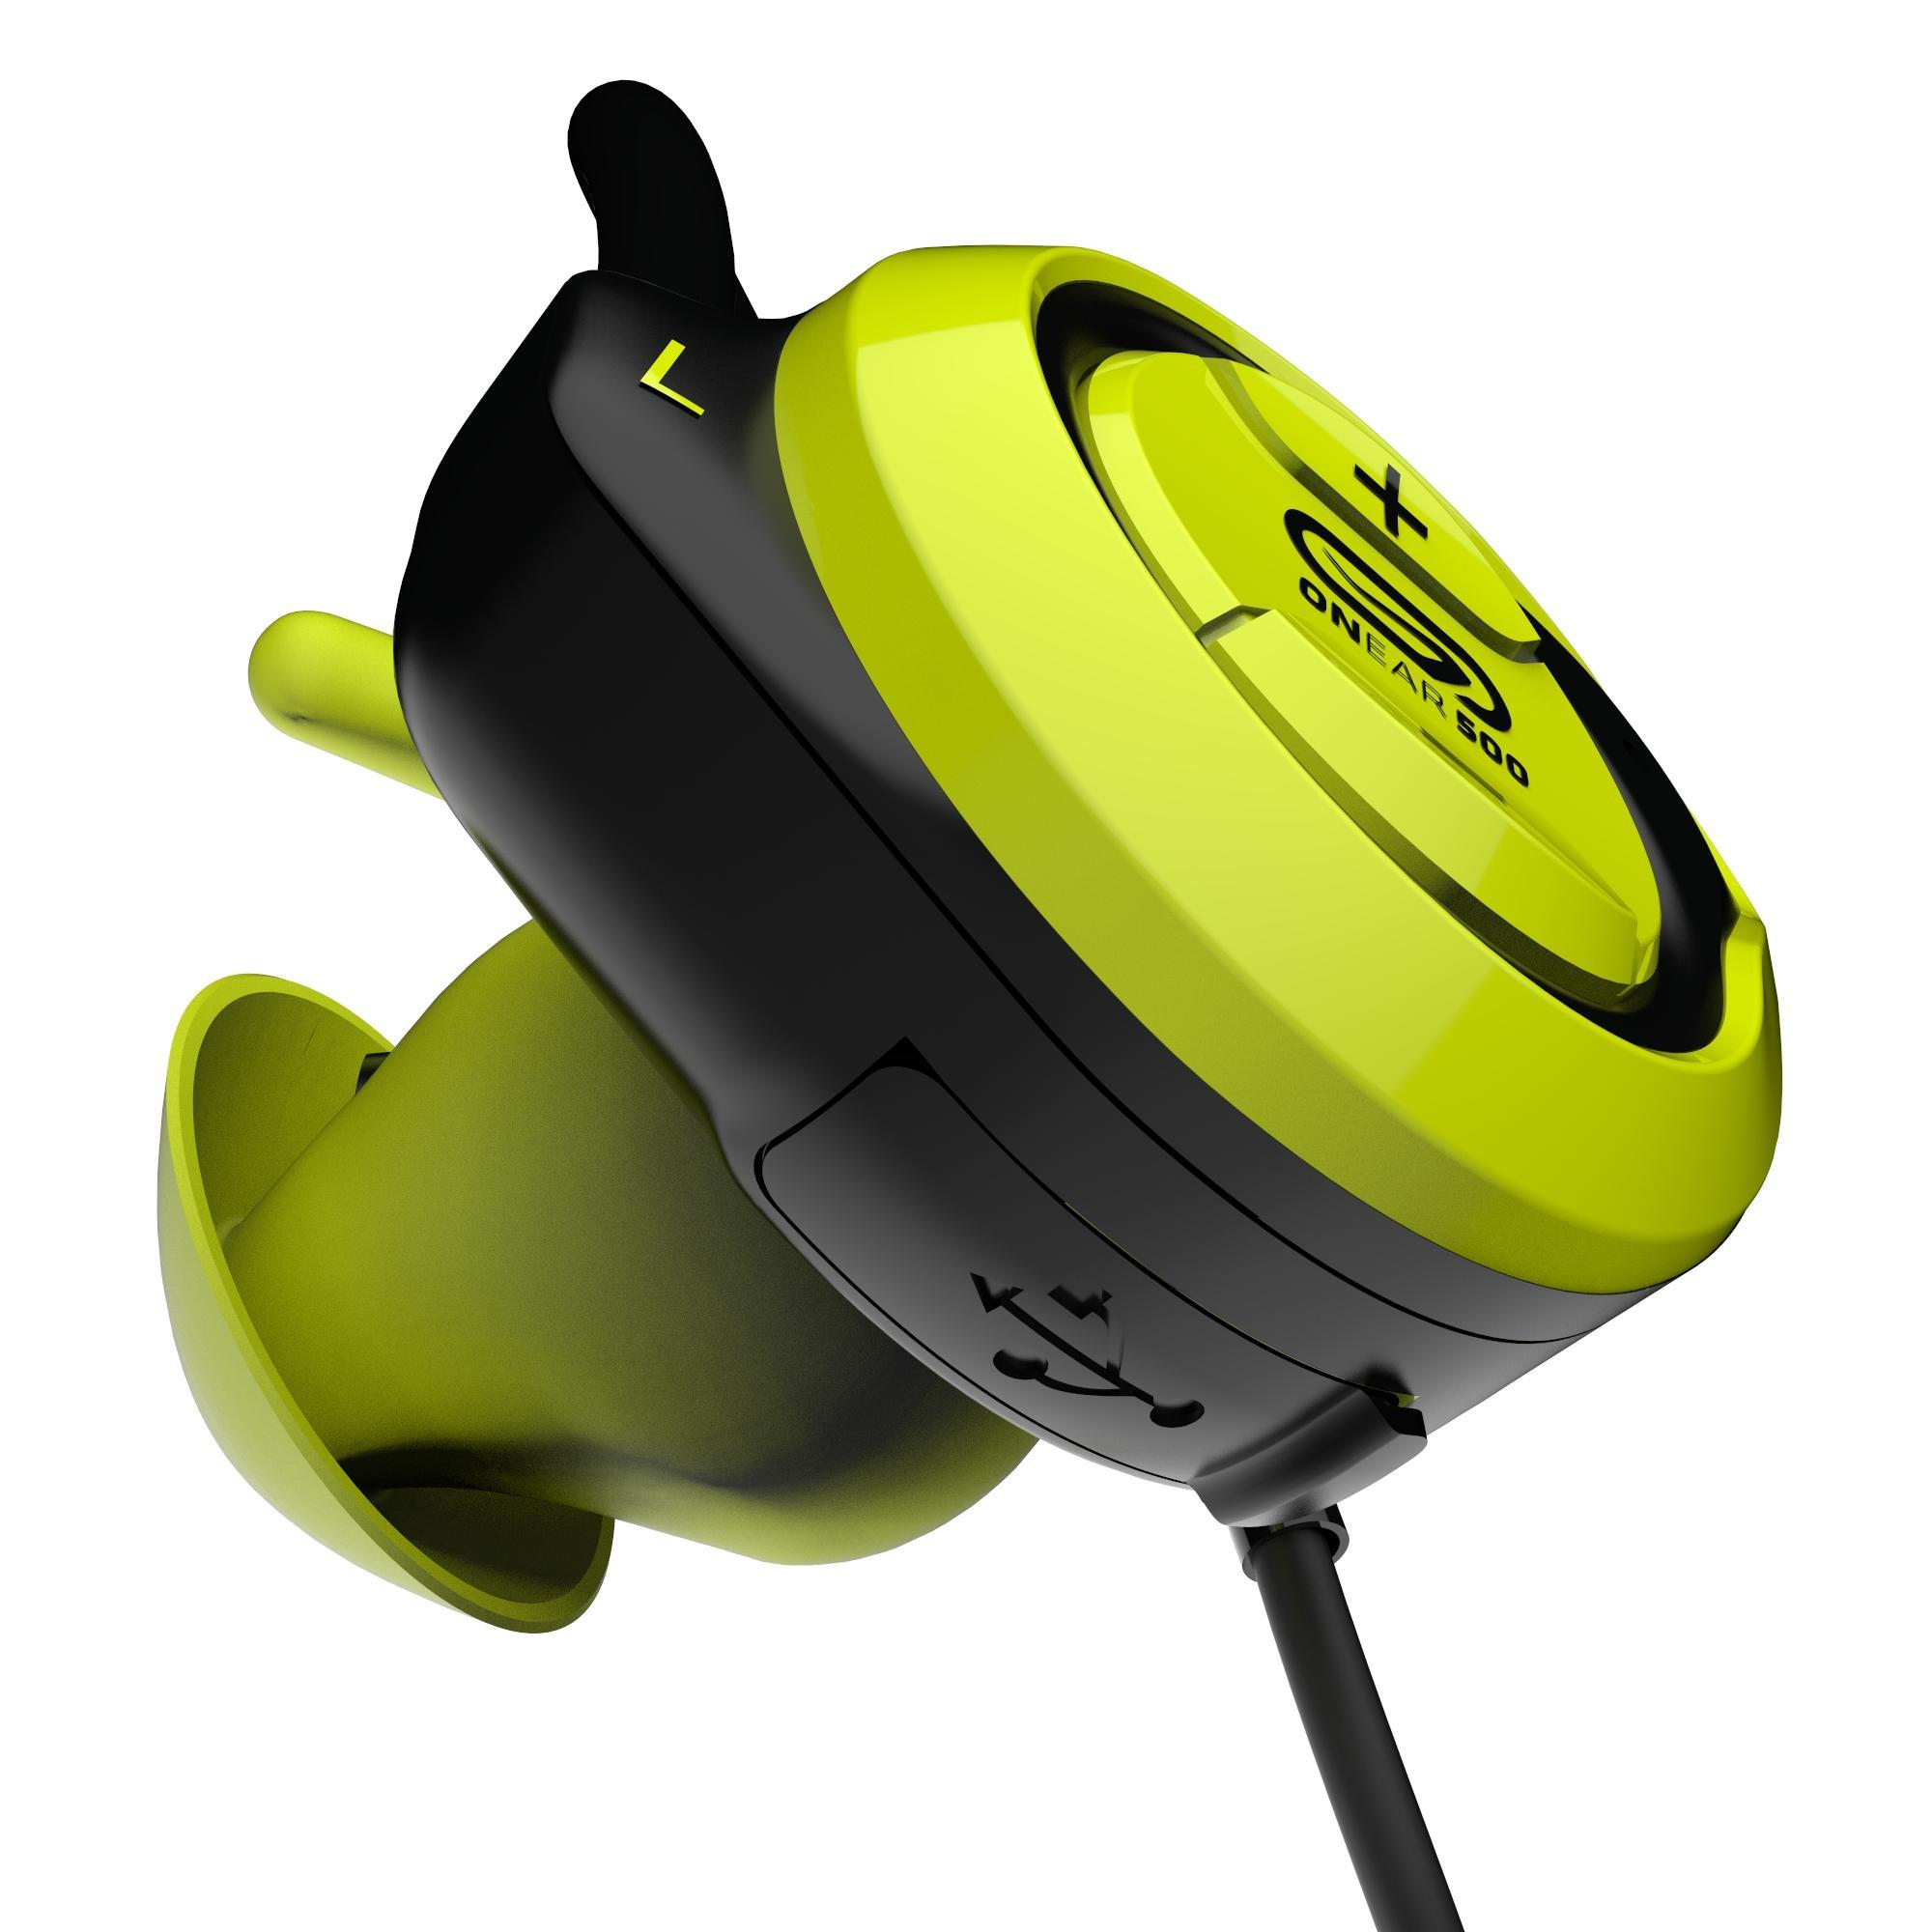 ONear 500 wireless Bluetooth earphones - Yellow